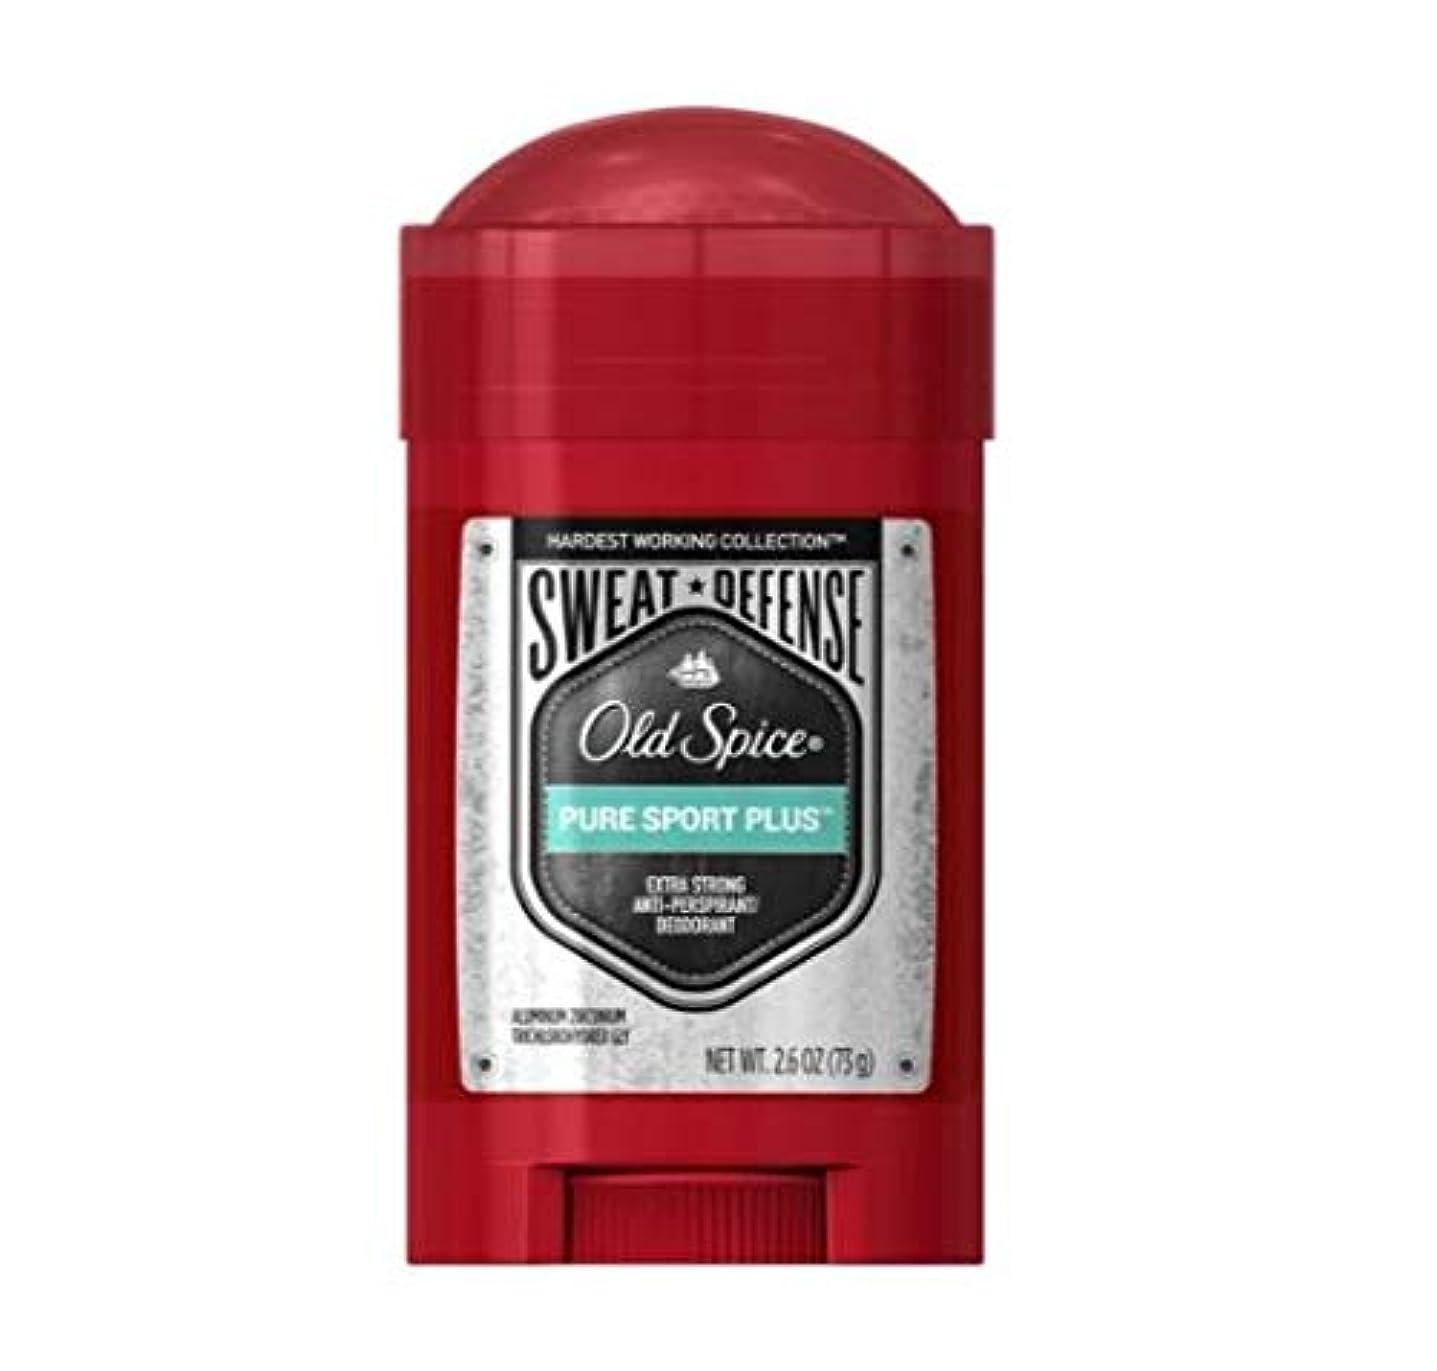 サーカススポークスマンバッテリーOld Spice Hardest Working Collection Antiperspirant Deodorant for Men Pure Sport Plus - 2.6oz オールドスパイス ハーデスト ワーキング...